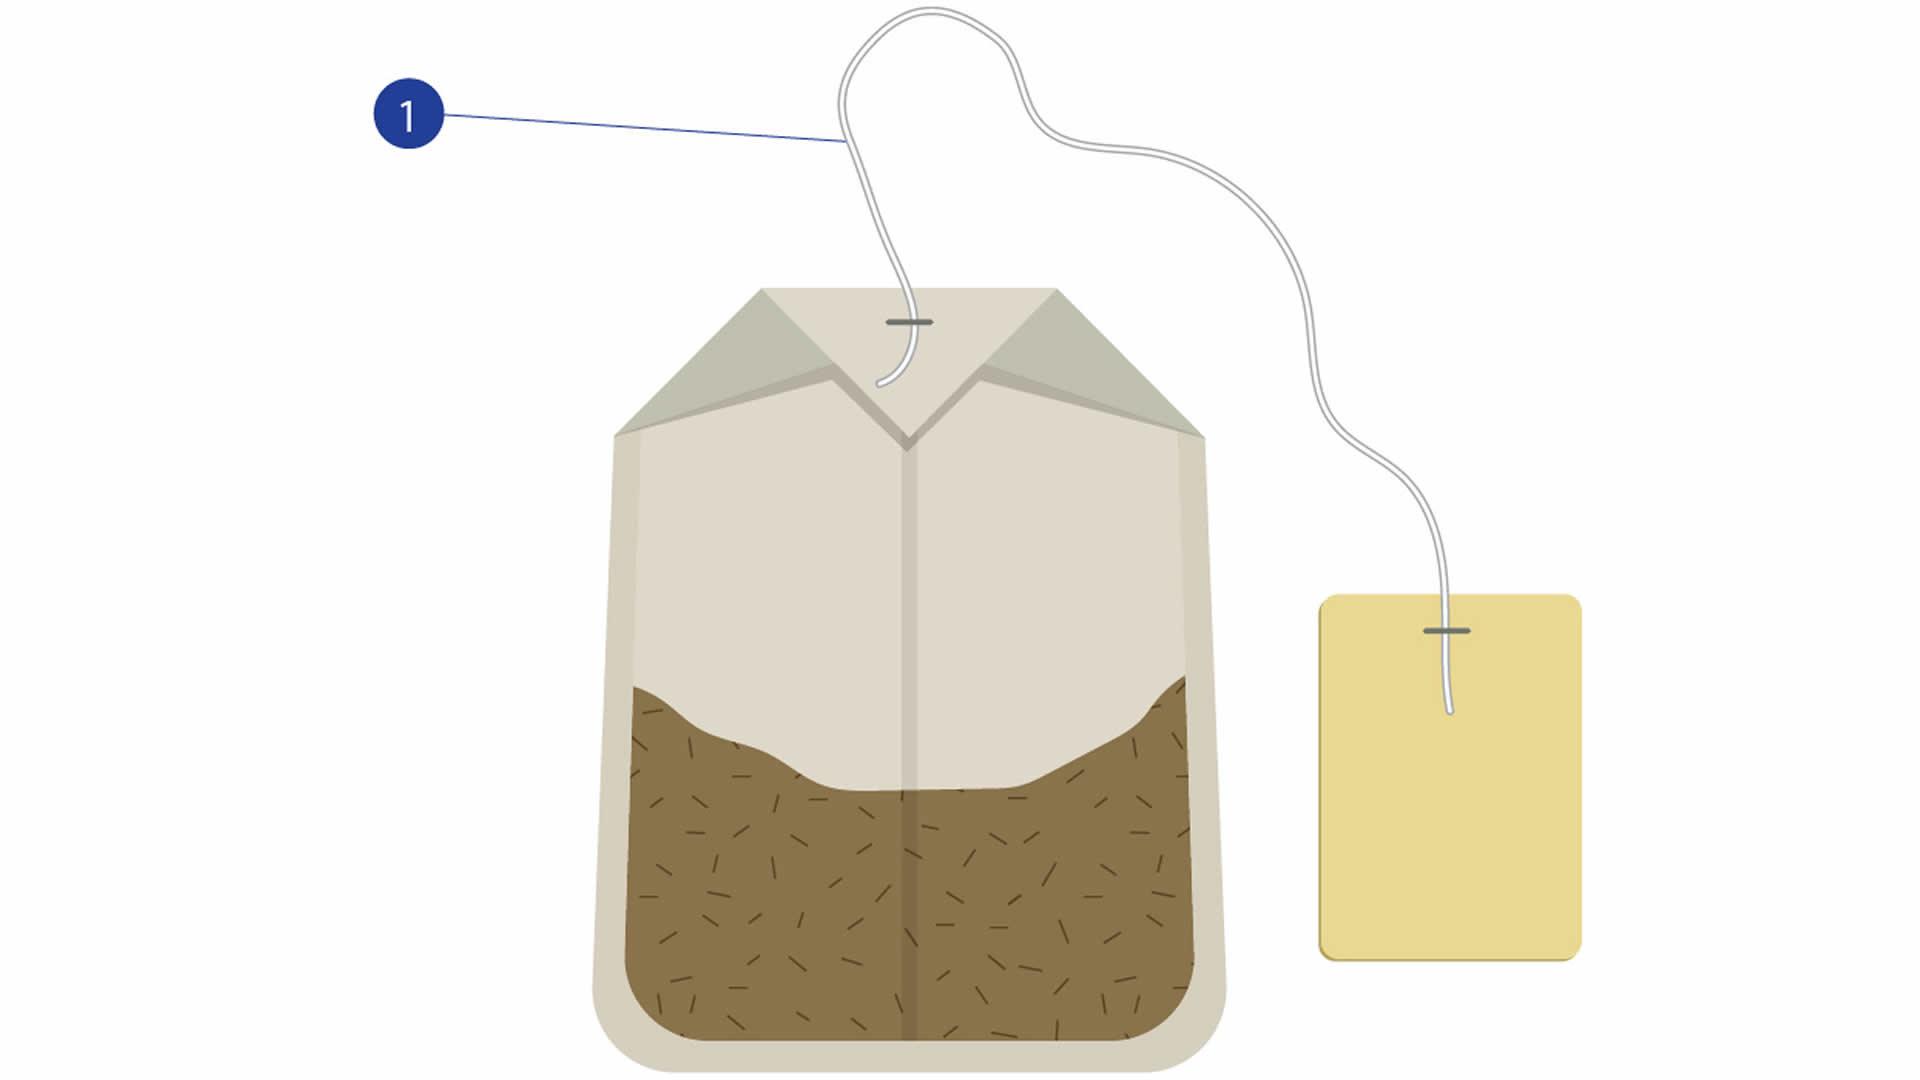 cấu tạo cơ bản của trà tùi lọc